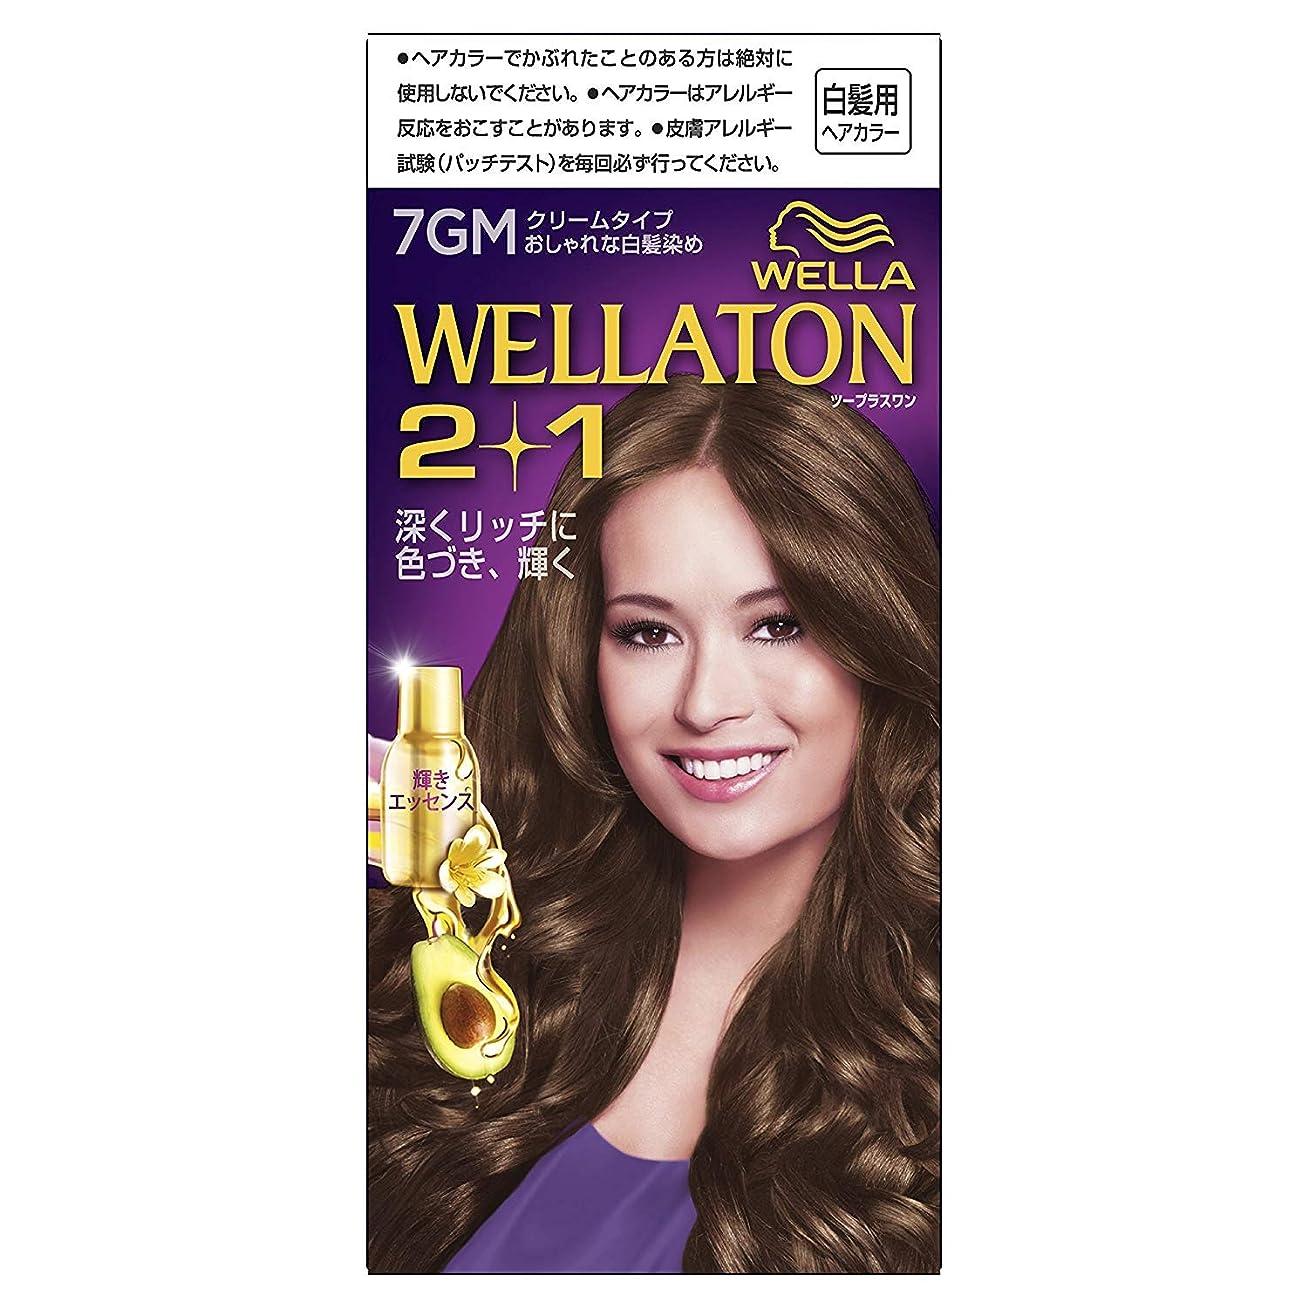 プレゼンター多様性求人ウエラトーン2+1 白髪染め クリームタイプ 7GM [医薬部外品] ×6個